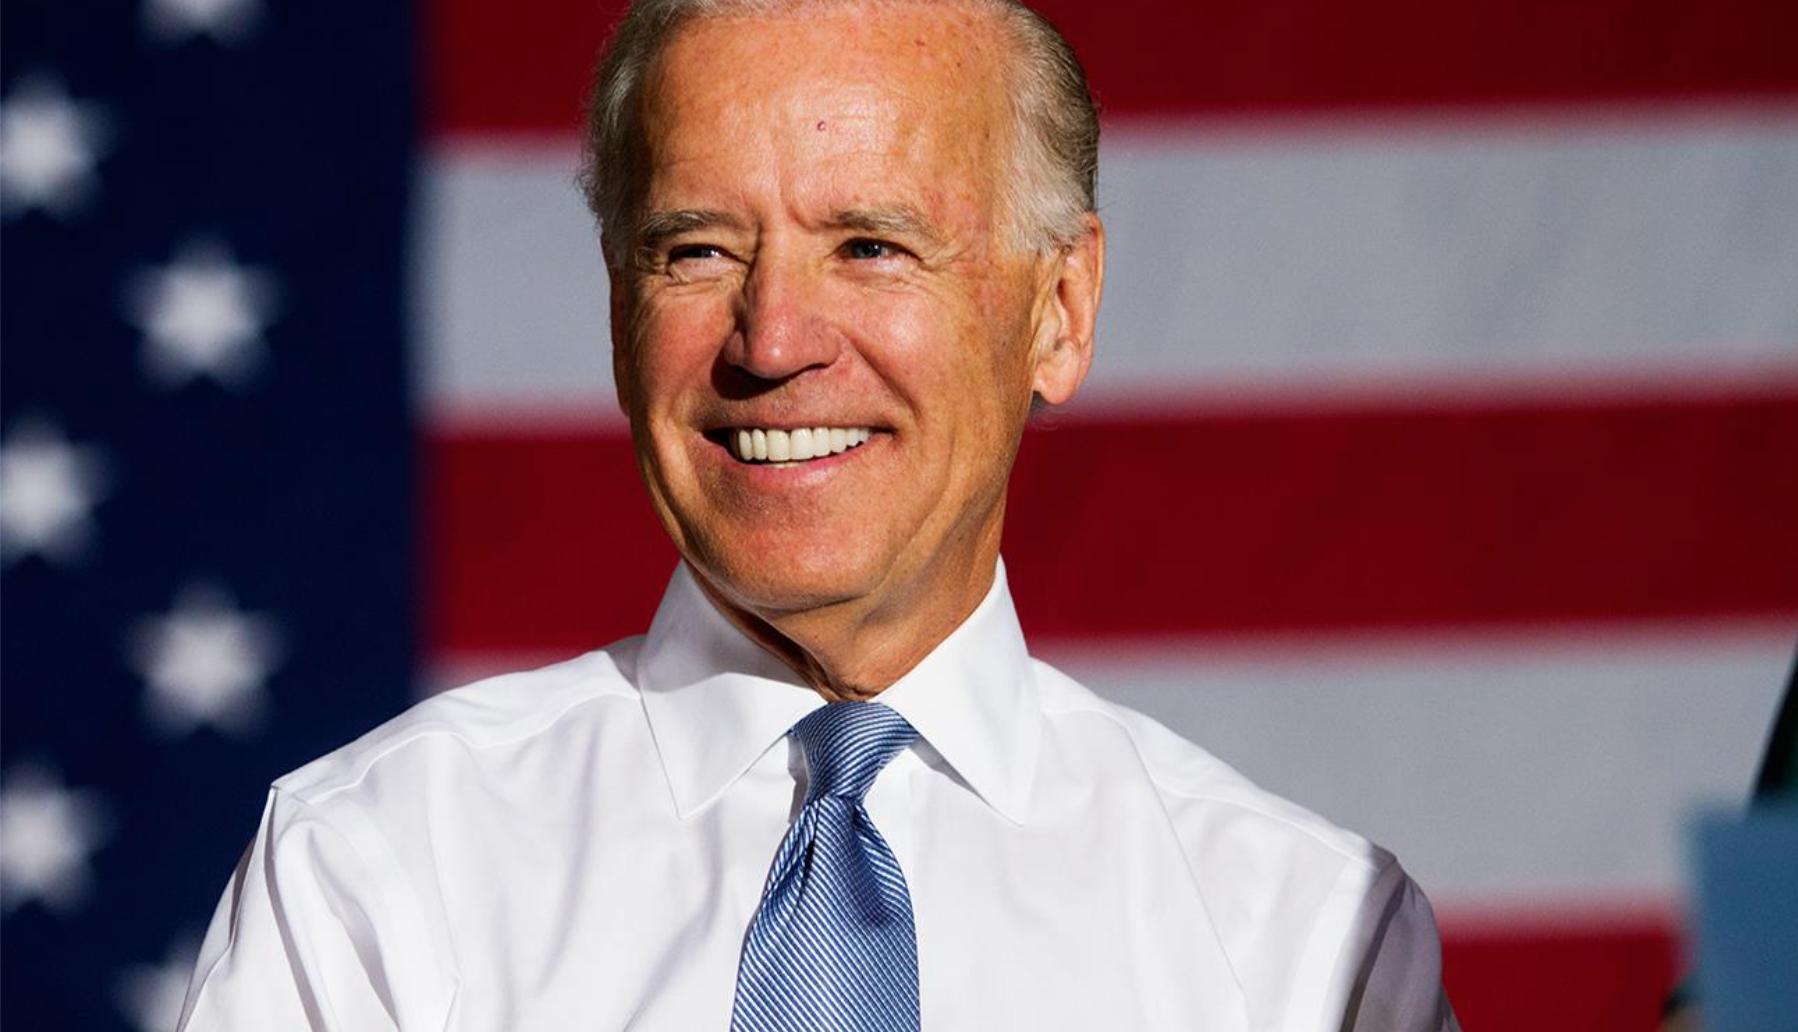 Un 51% del electorado prefiere el plan de Biden para desarrollar y distribuir una vacuna para COVID-19.